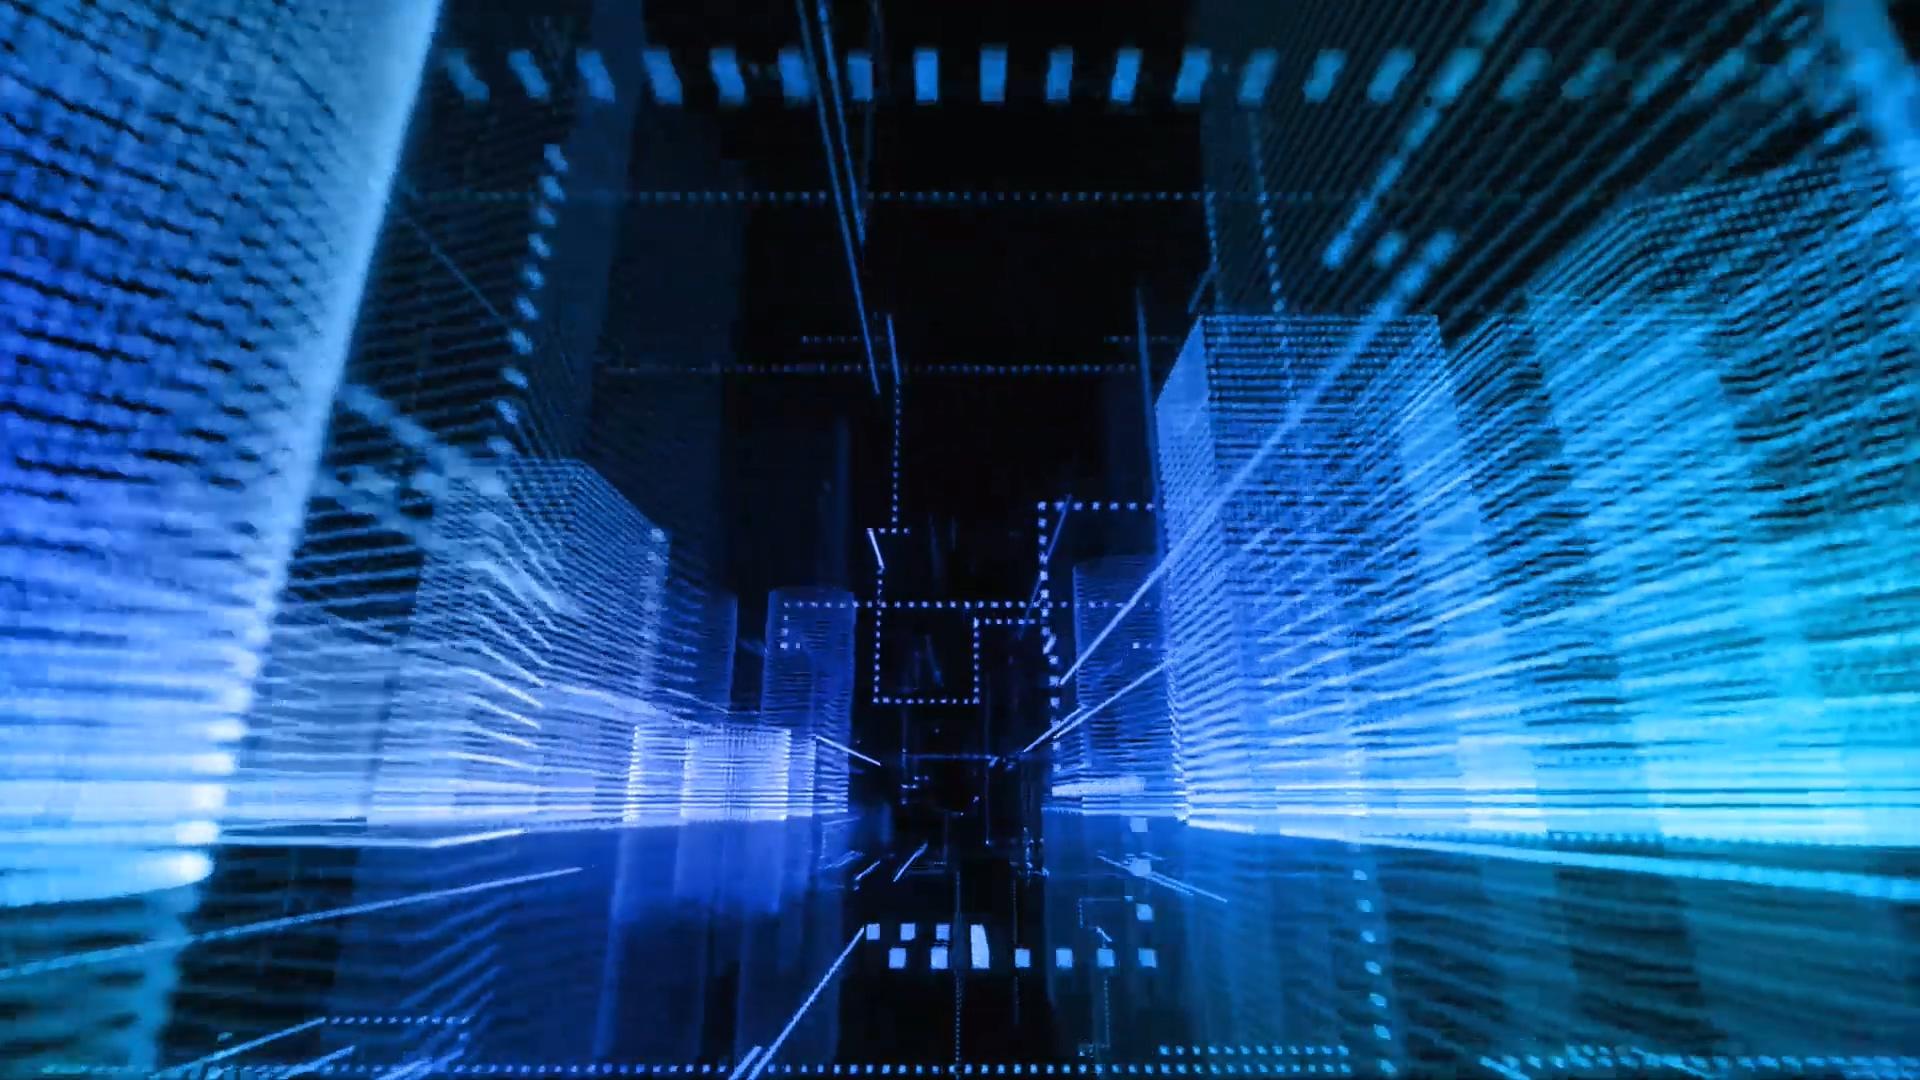 光影光线科技线条城市街道穿梭黄渤《最好的舞台》